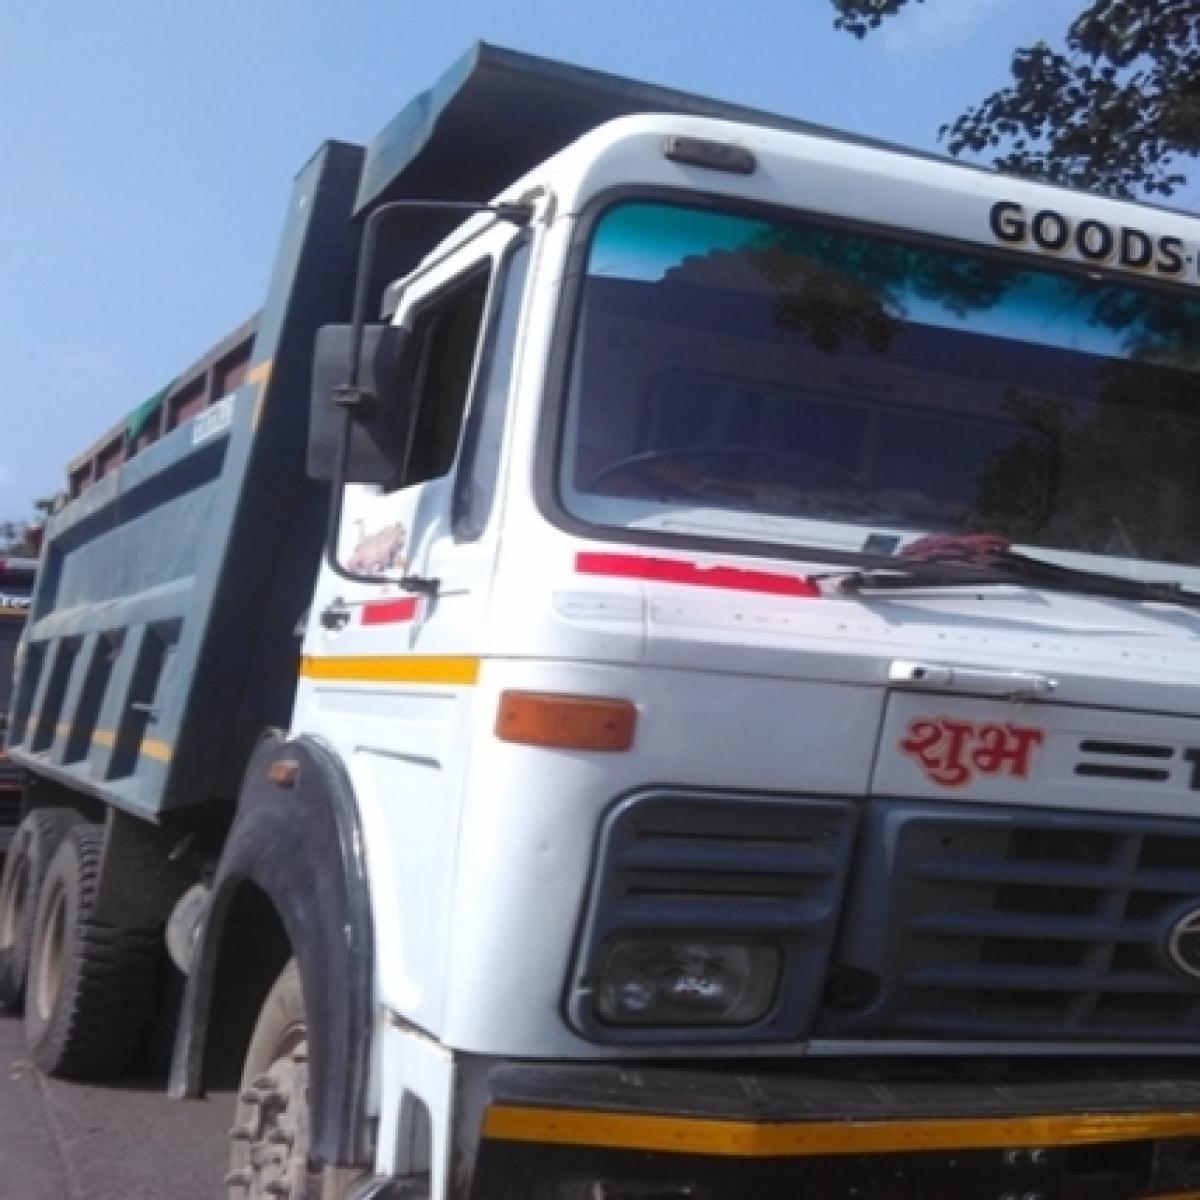 J-K: Truck drivers appeal Lt Governor to help clear debris after landslide blocks NH-44